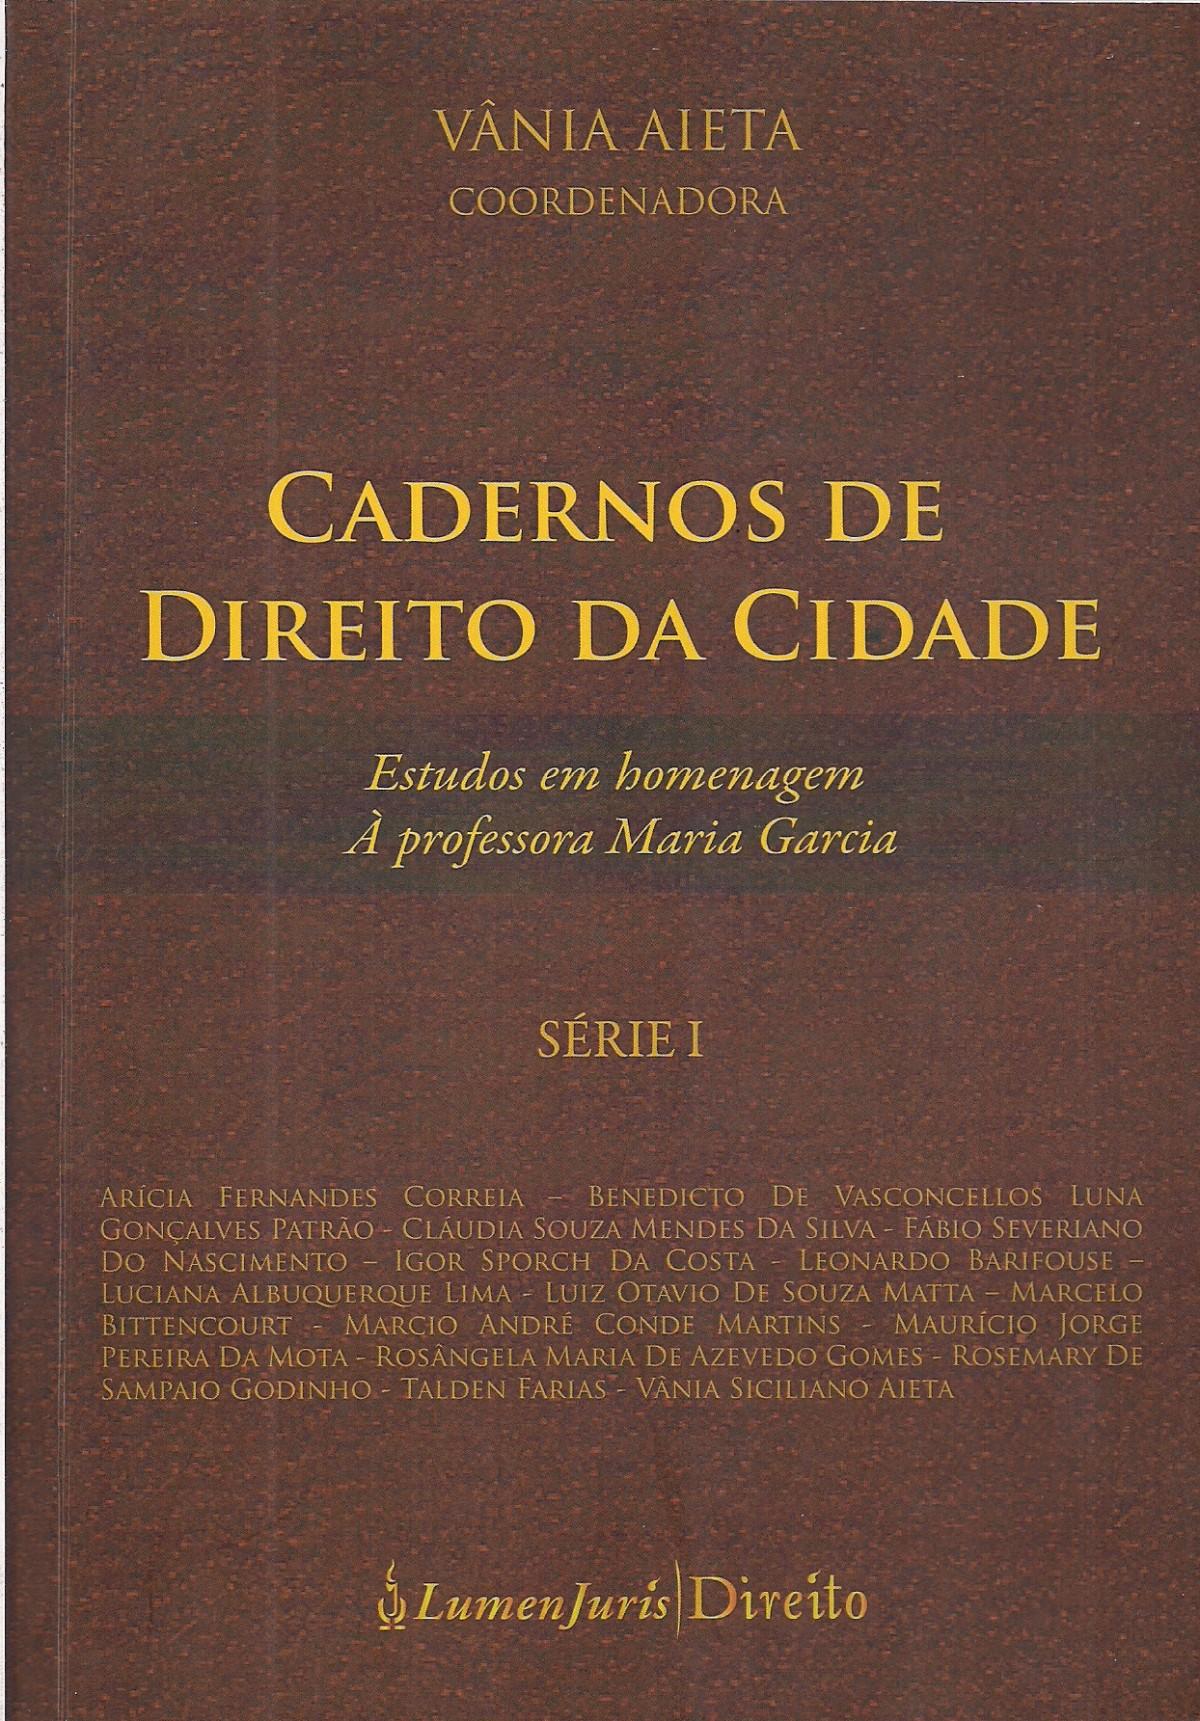 Foto 1 - Cadernos de Direito da Cidade - Série I - 2014